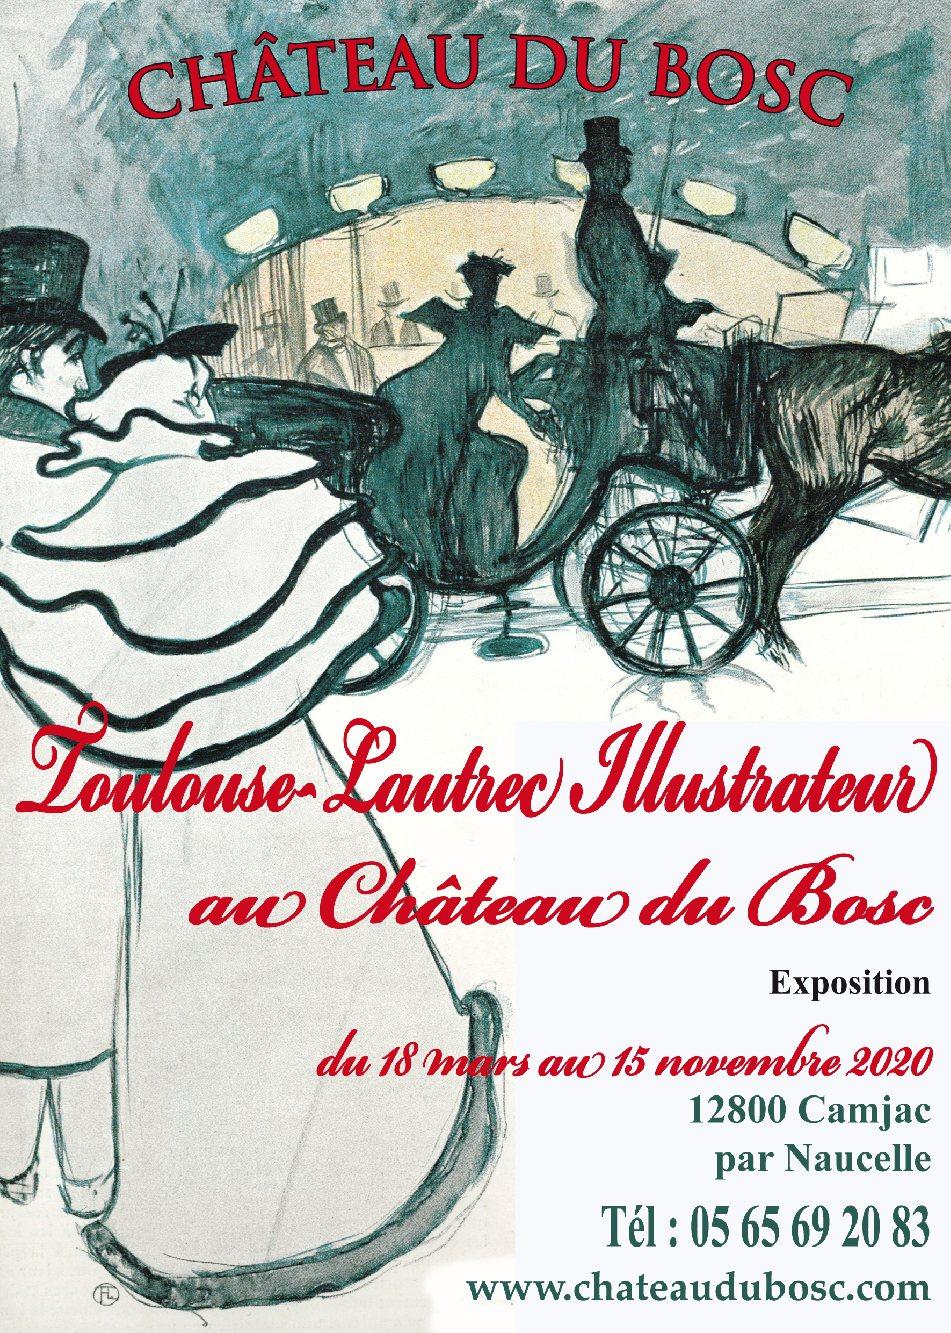 Toulouse-Lautrec illustrateur au Chateau du Bosc a camjac